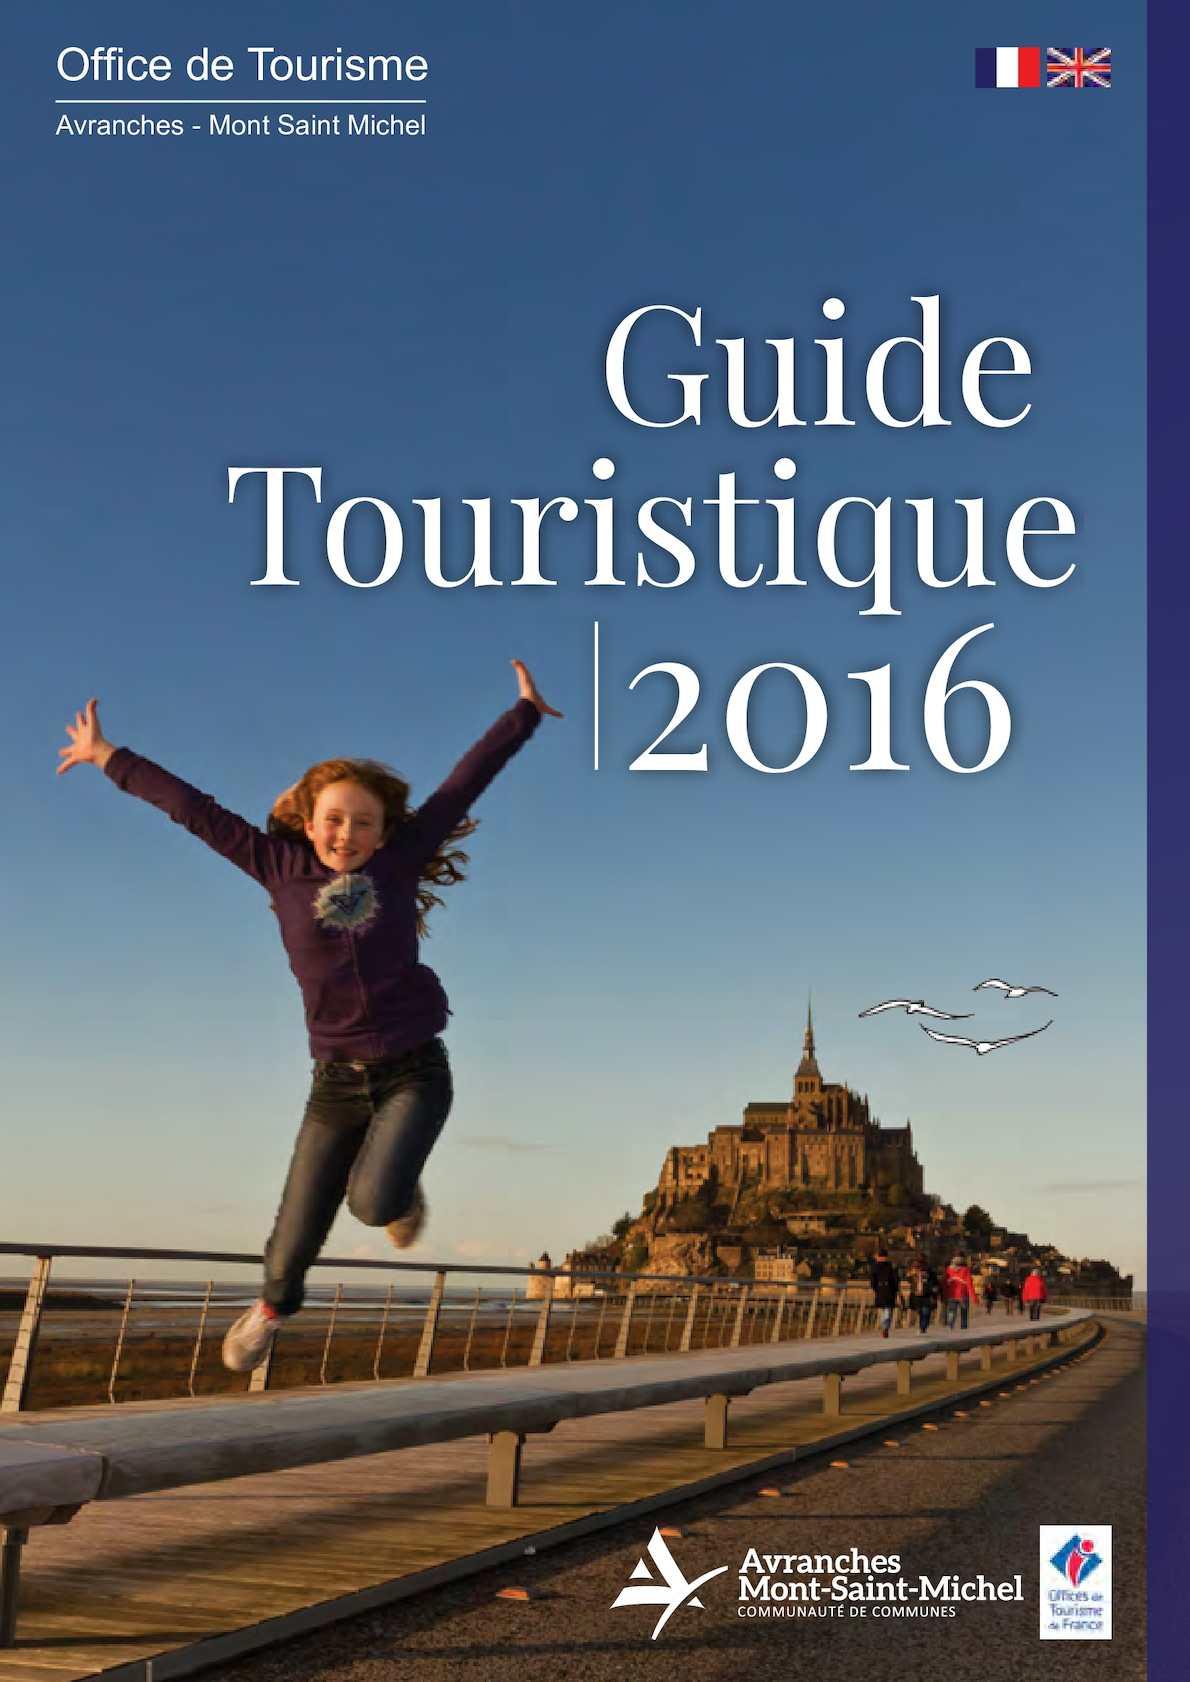 Calam o guide touristique 2016 avranches mont saint michel - Office tourisme mont st michel ...